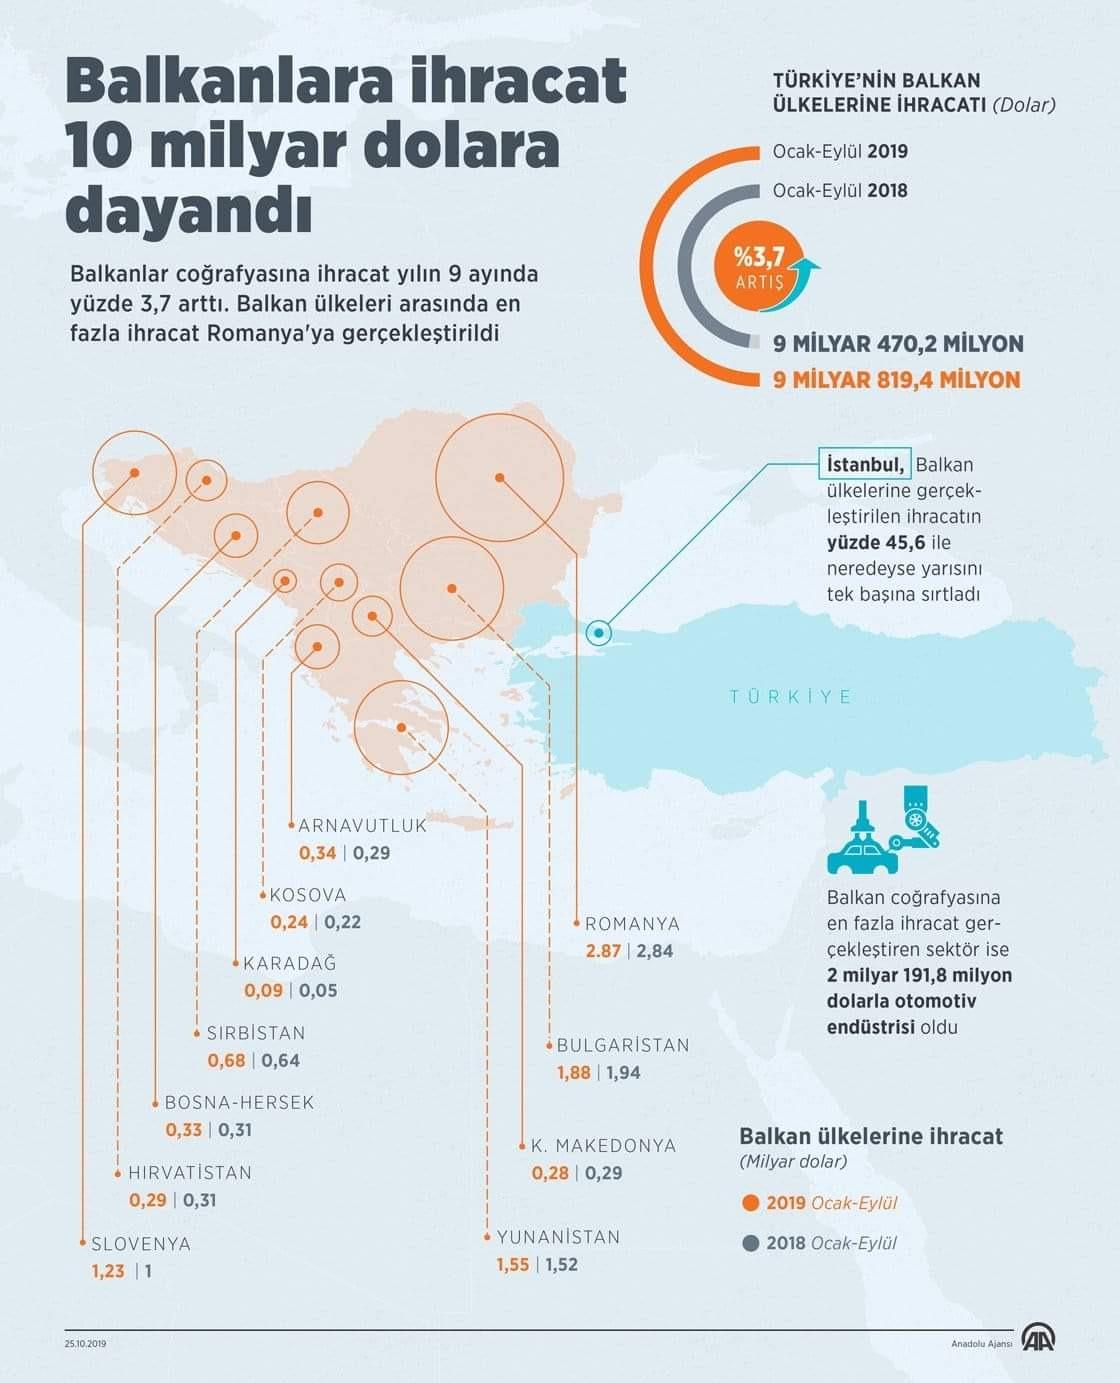 Balkan Ticareti